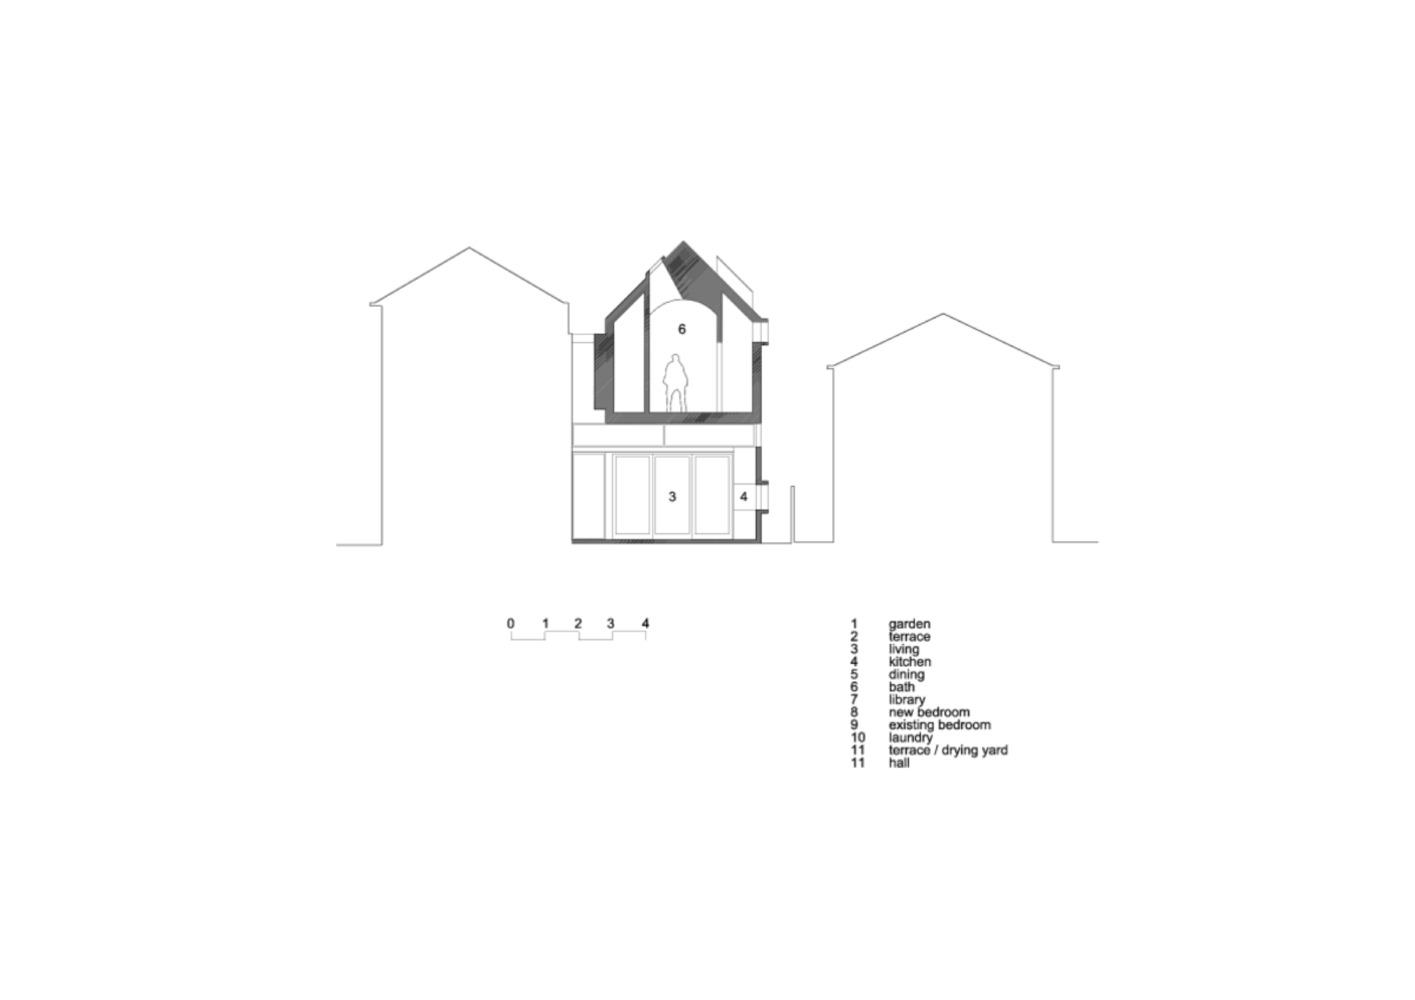 Mặt bằng nhà phố - dolls house - 4